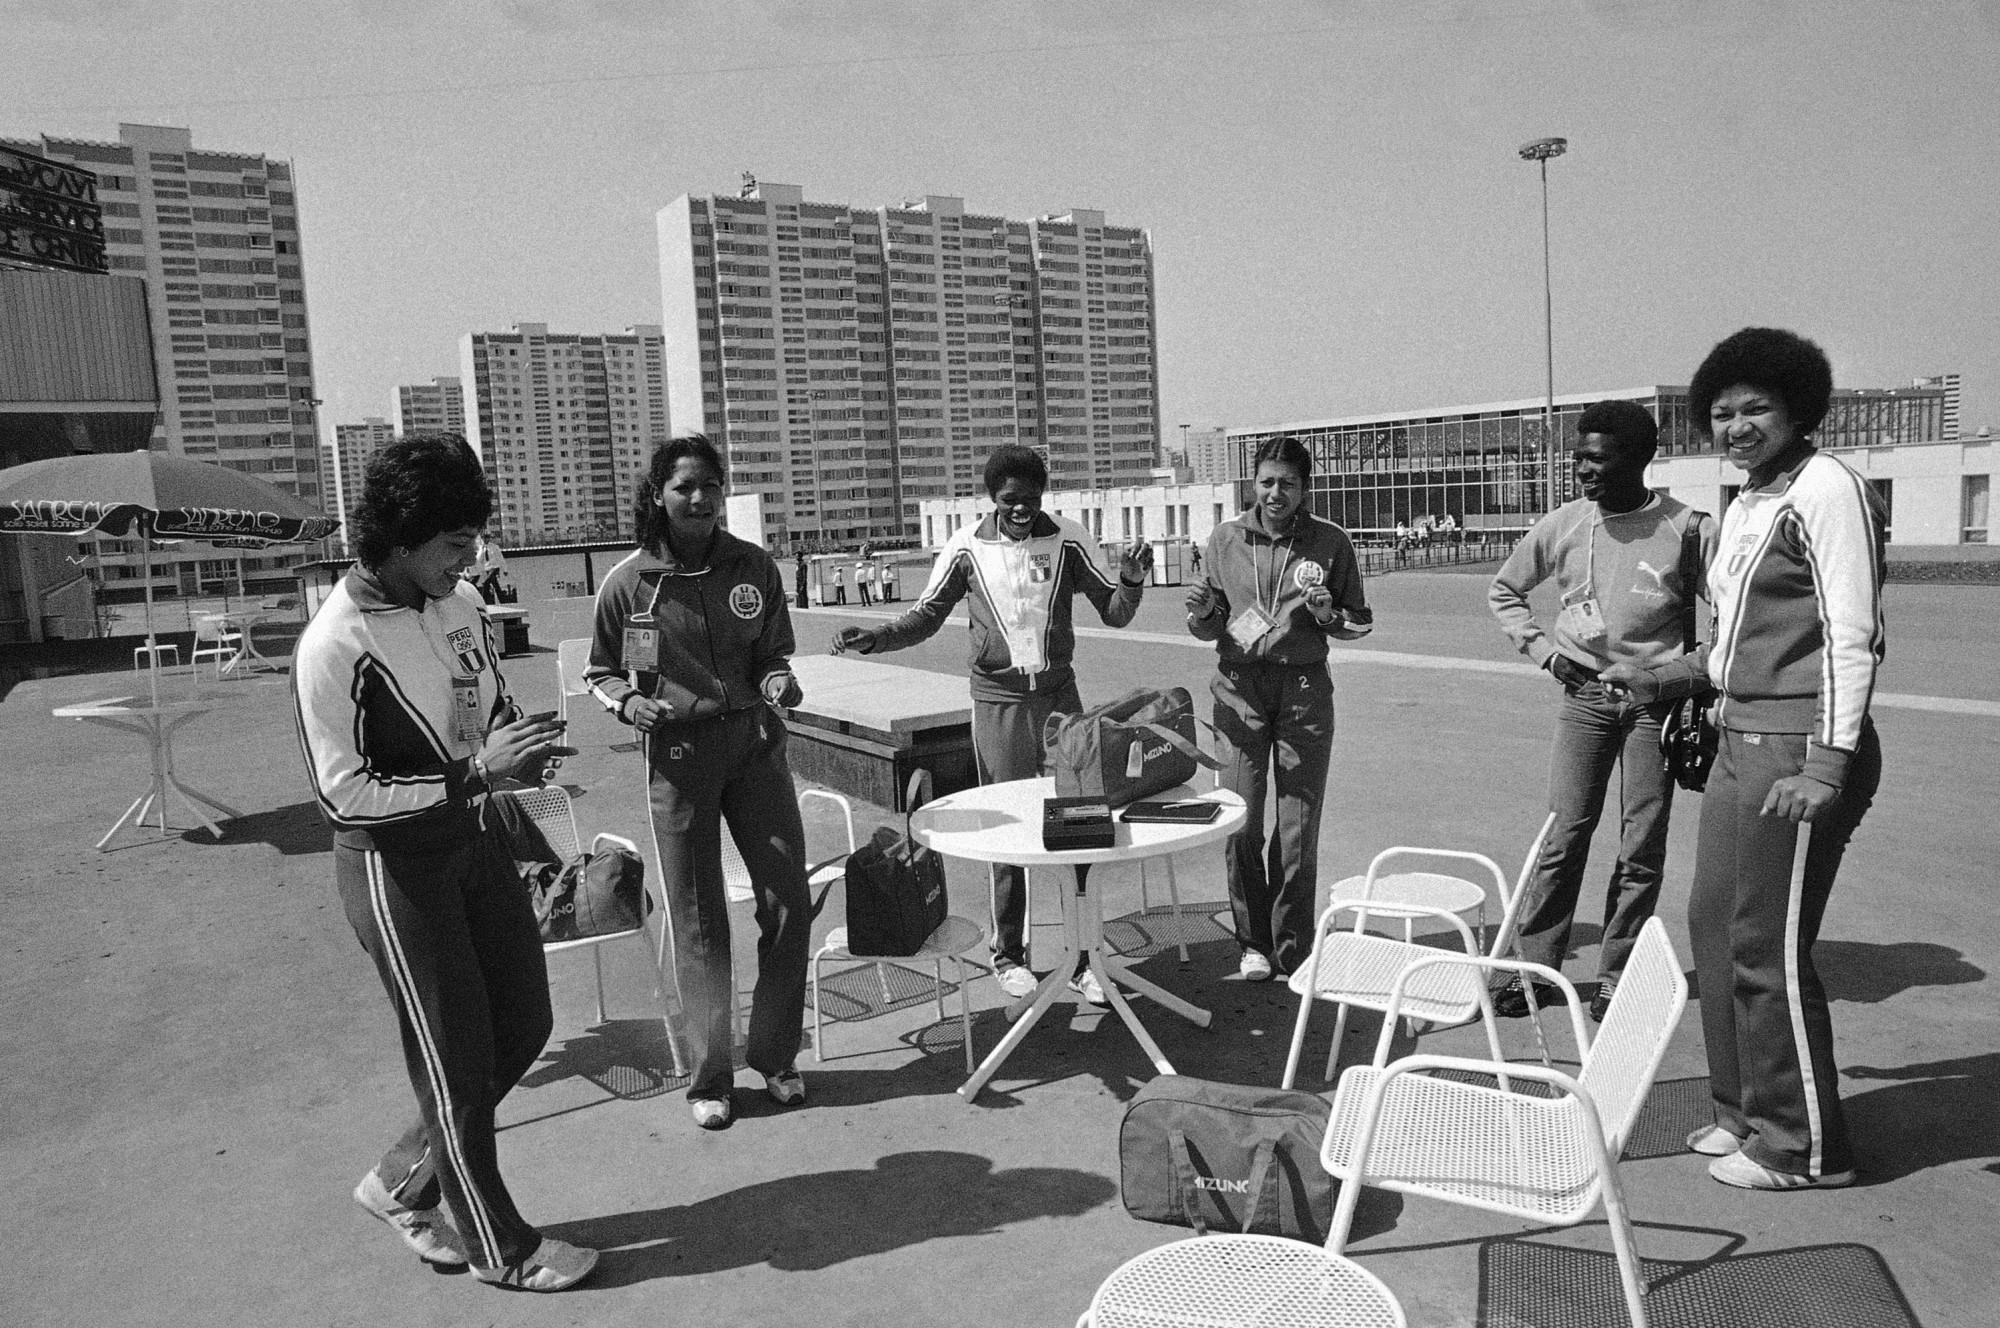 1980 Олимпийская деревня. Фотоархив ТАСС